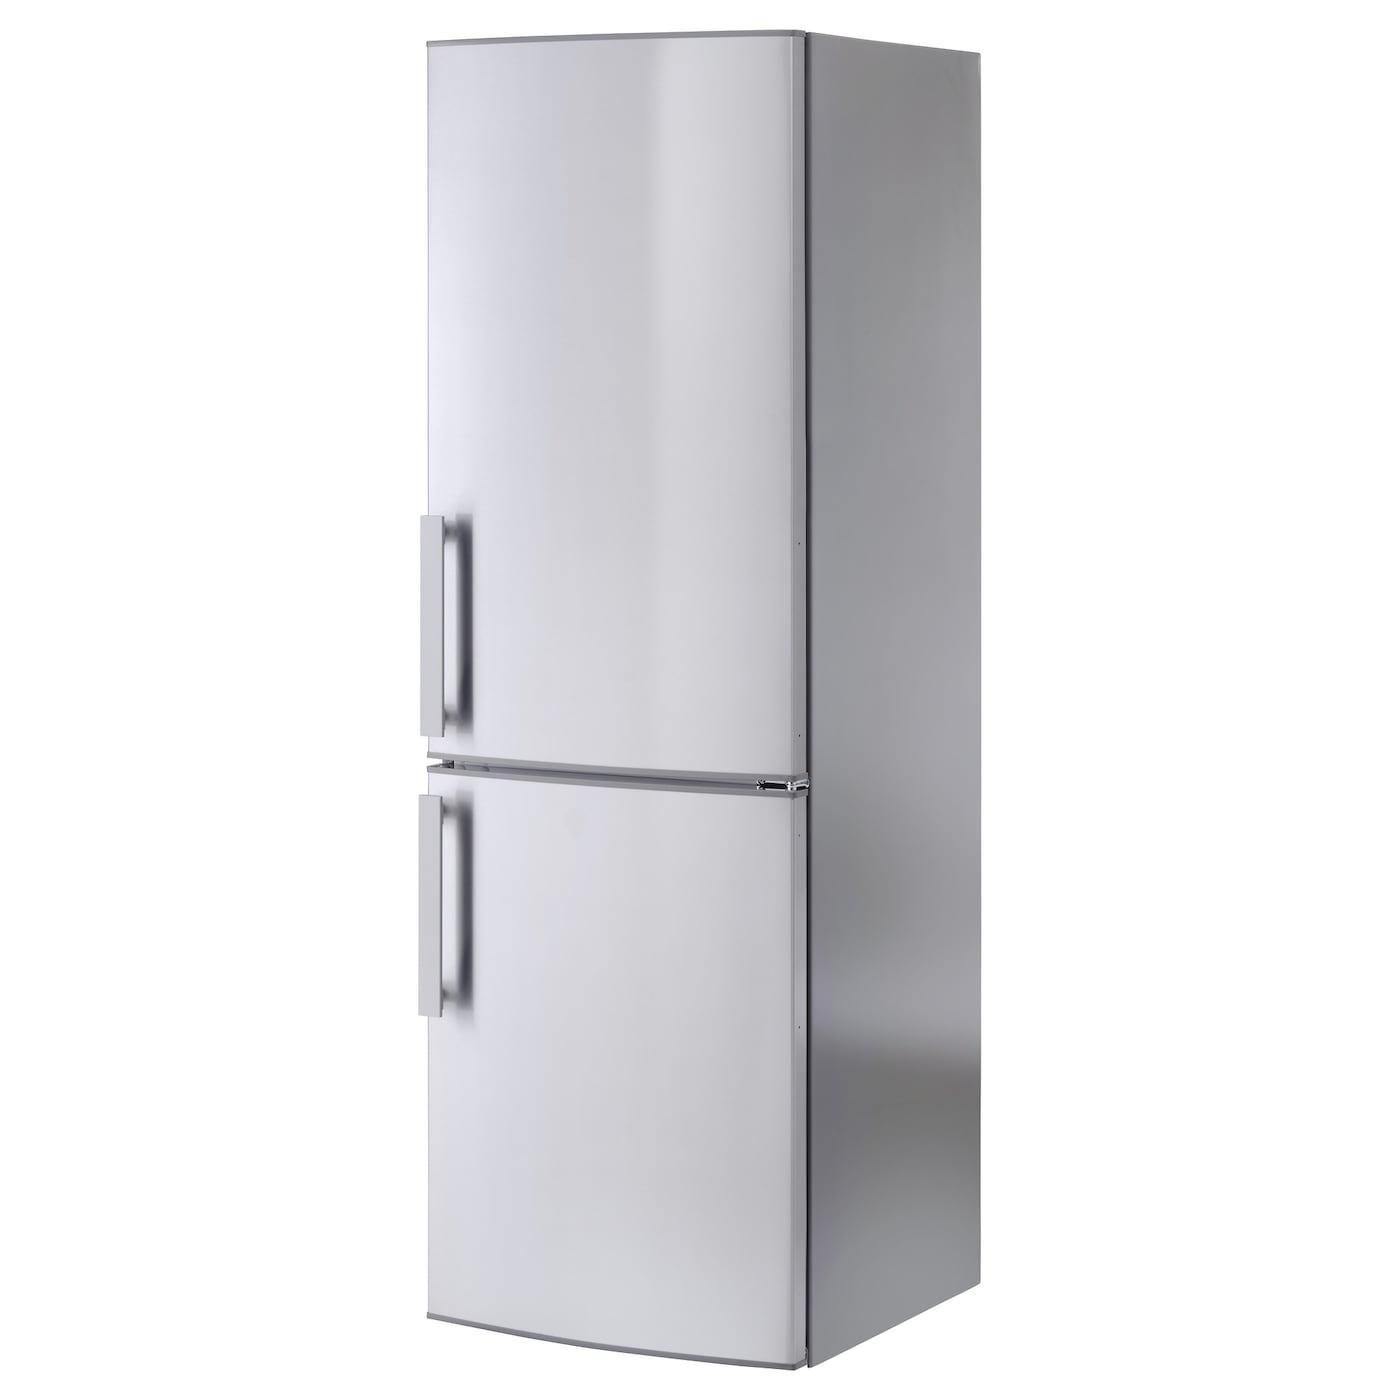 frigo r frig rateur cong lateur surg lateur pas cher ikea. Black Bedroom Furniture Sets. Home Design Ideas